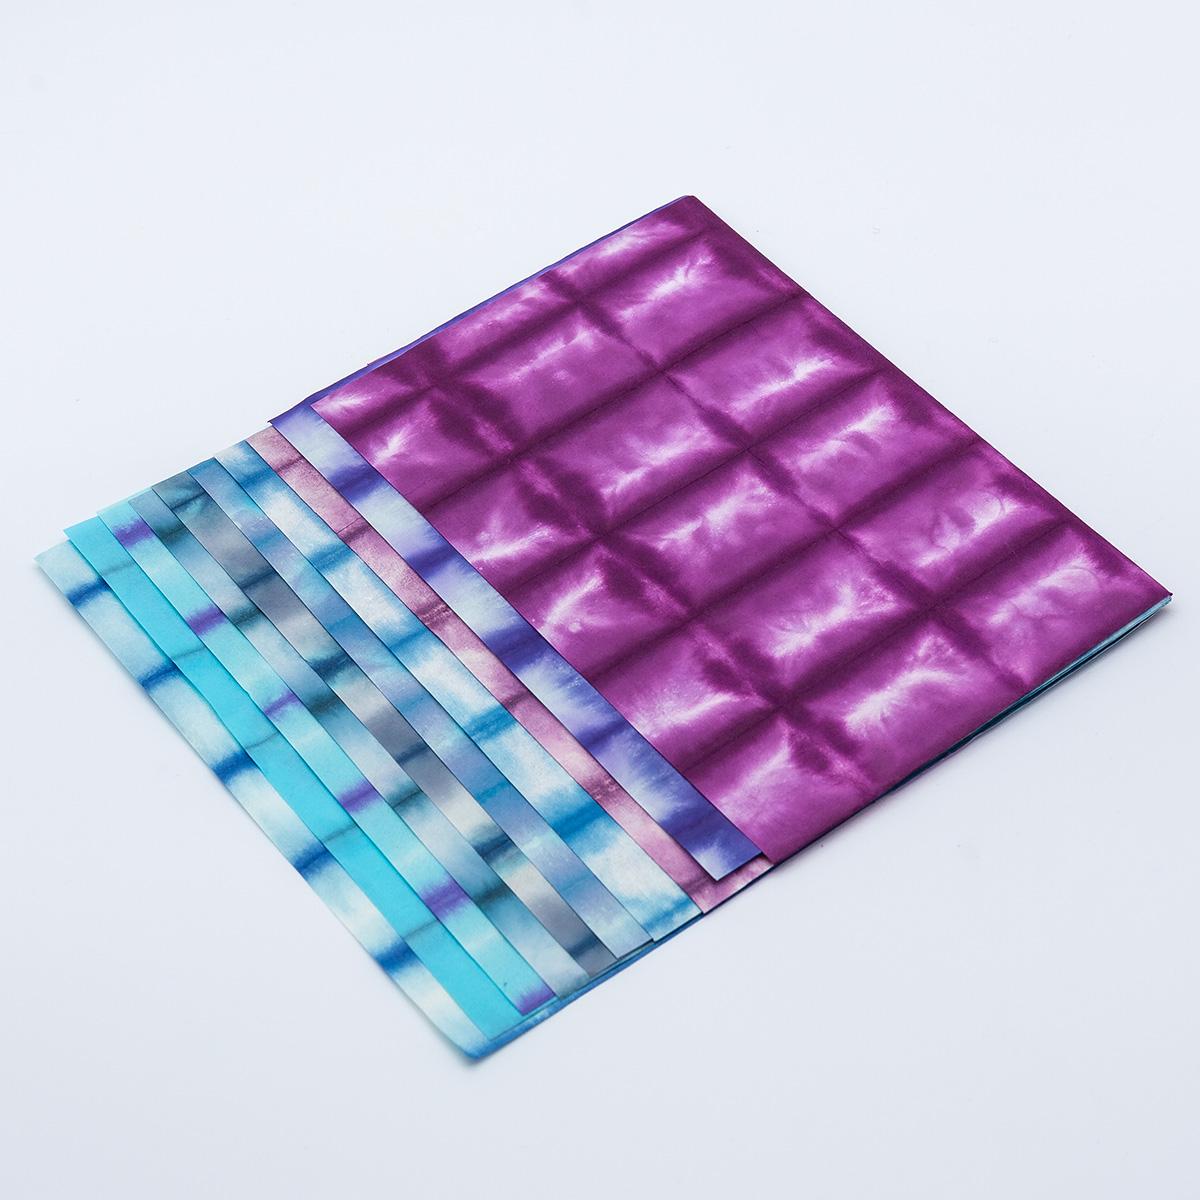 阿波 板締め紙 八ツ切り10色セット(青・紫系)